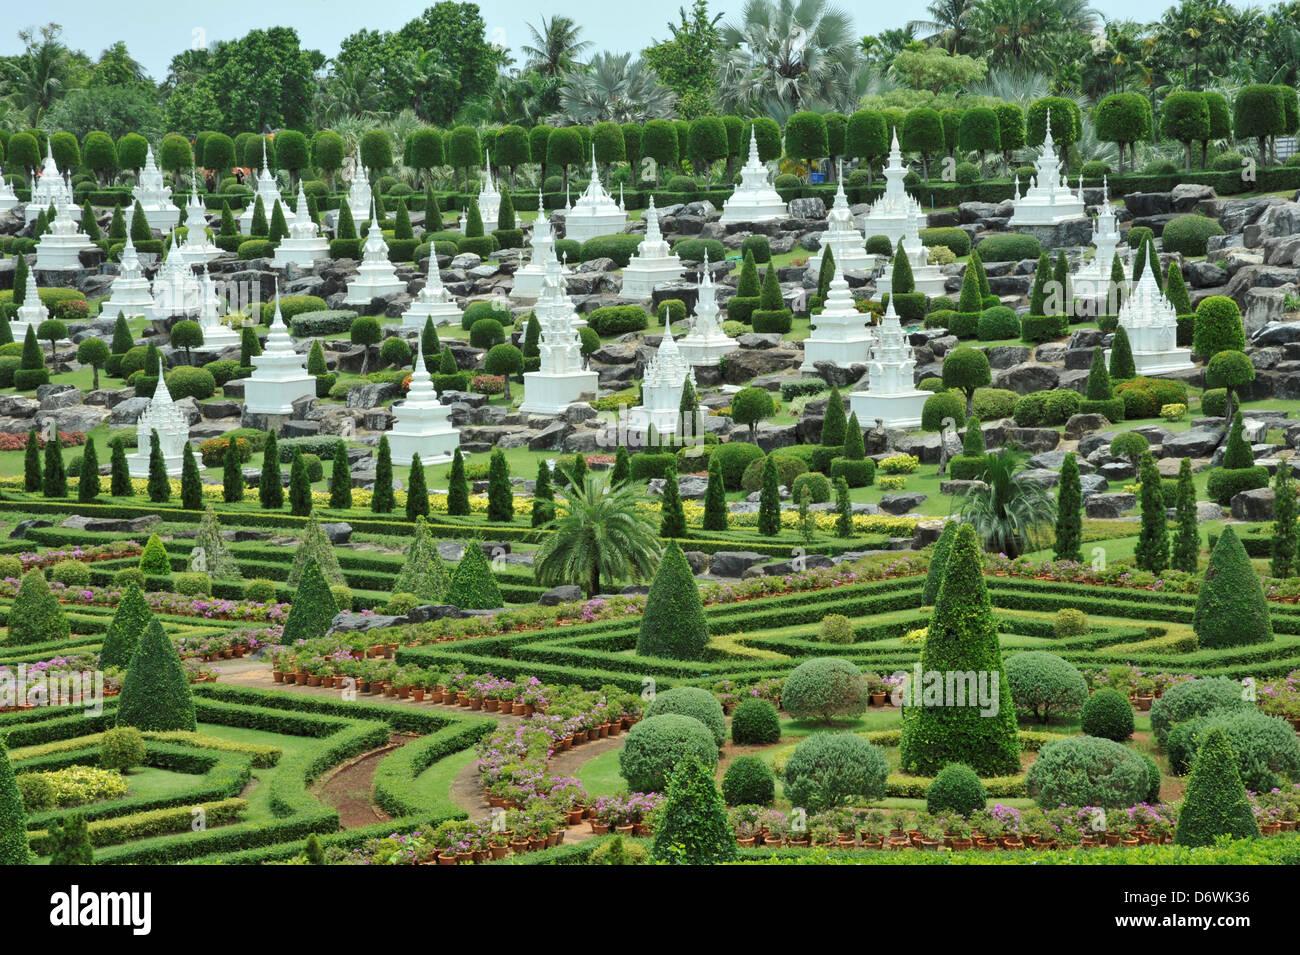 Thailand Chonburi Nong Nooch Garten Garten Landschaft Inspiriert